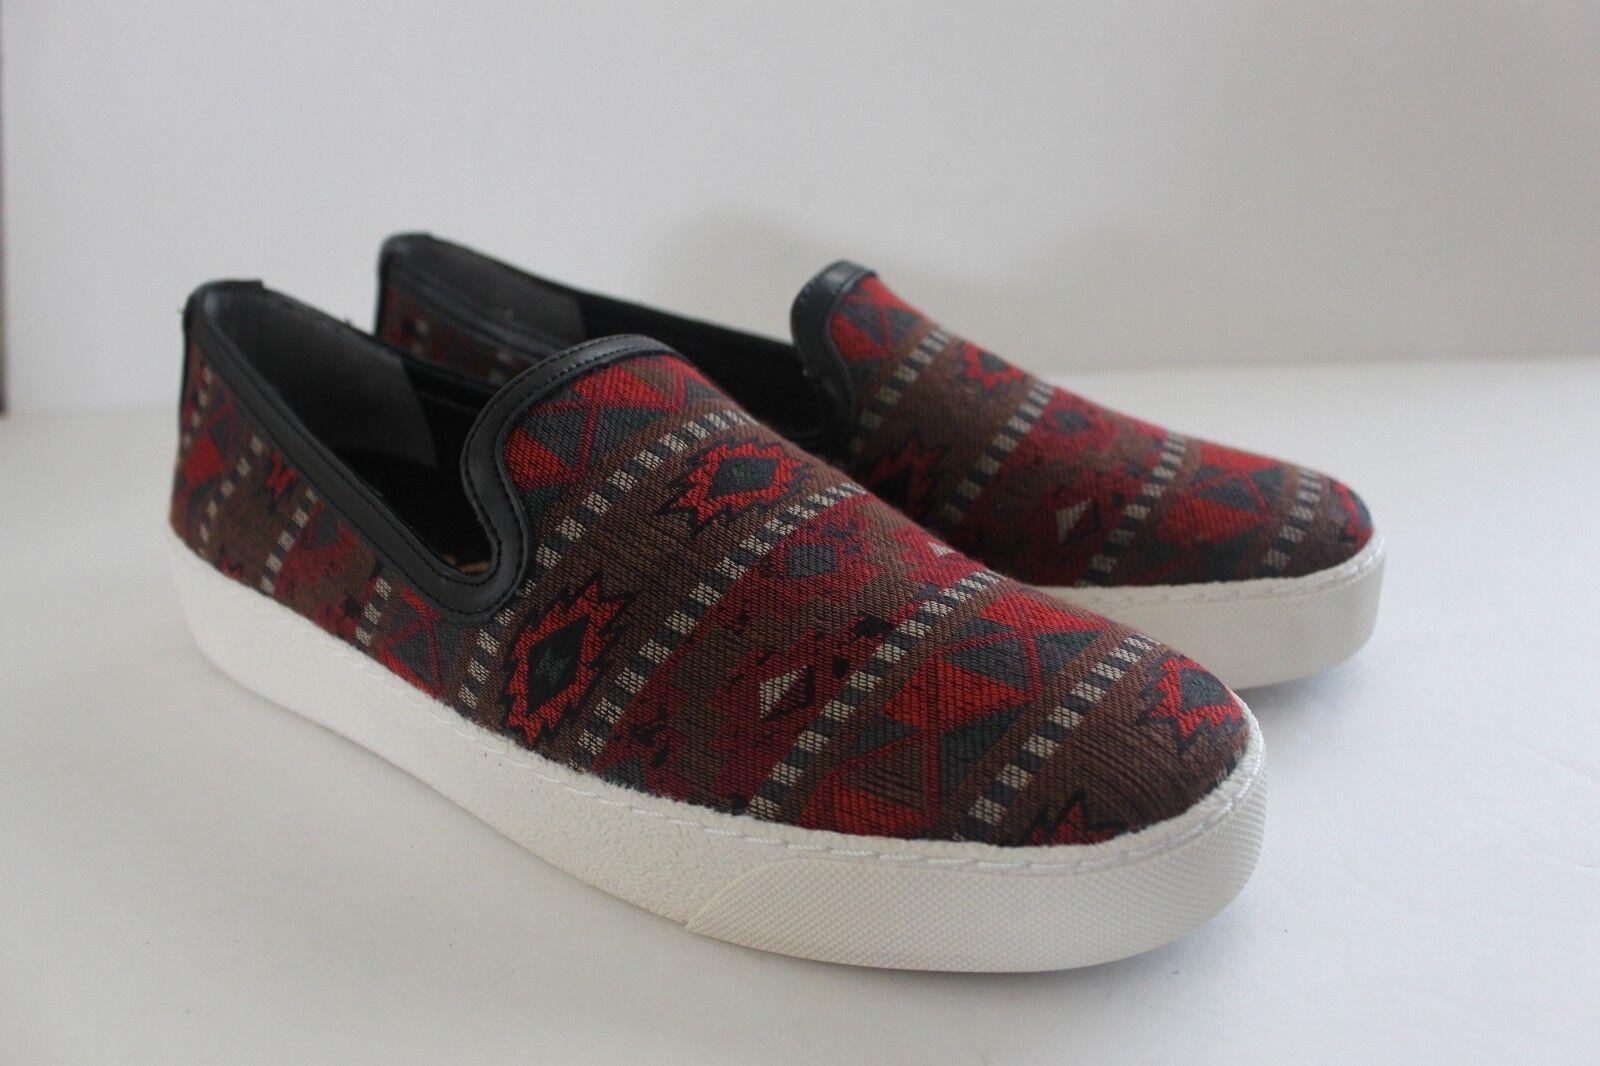 Sam Edelman para mujer M Zapatillas Rojo Multi Estampado Tribal Casual Zapatos de la sandalia